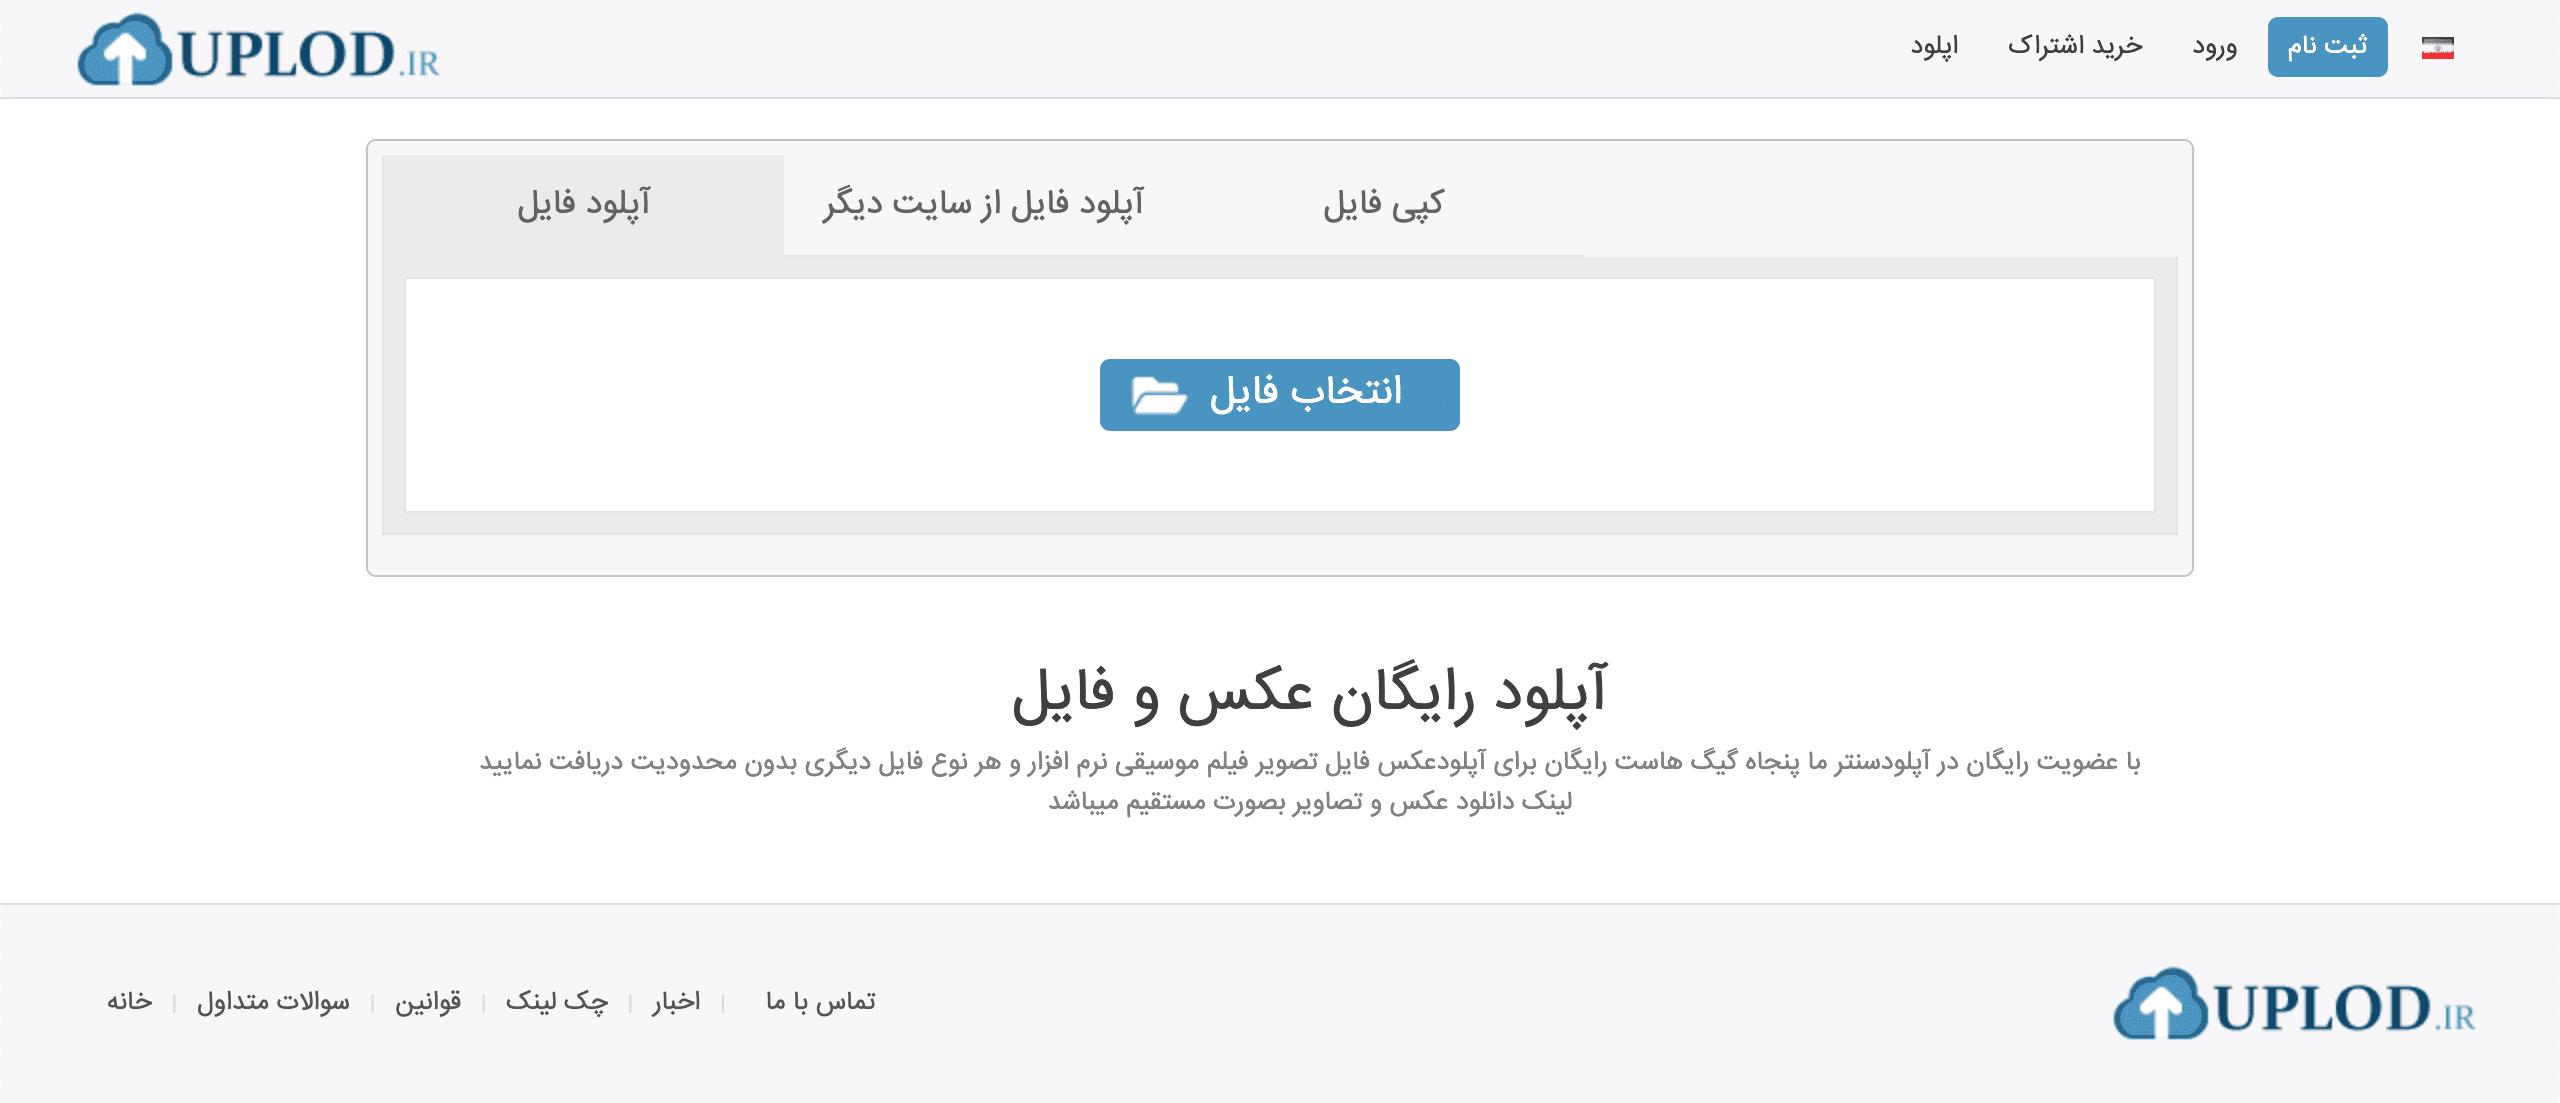 سایت آپلود آی آر